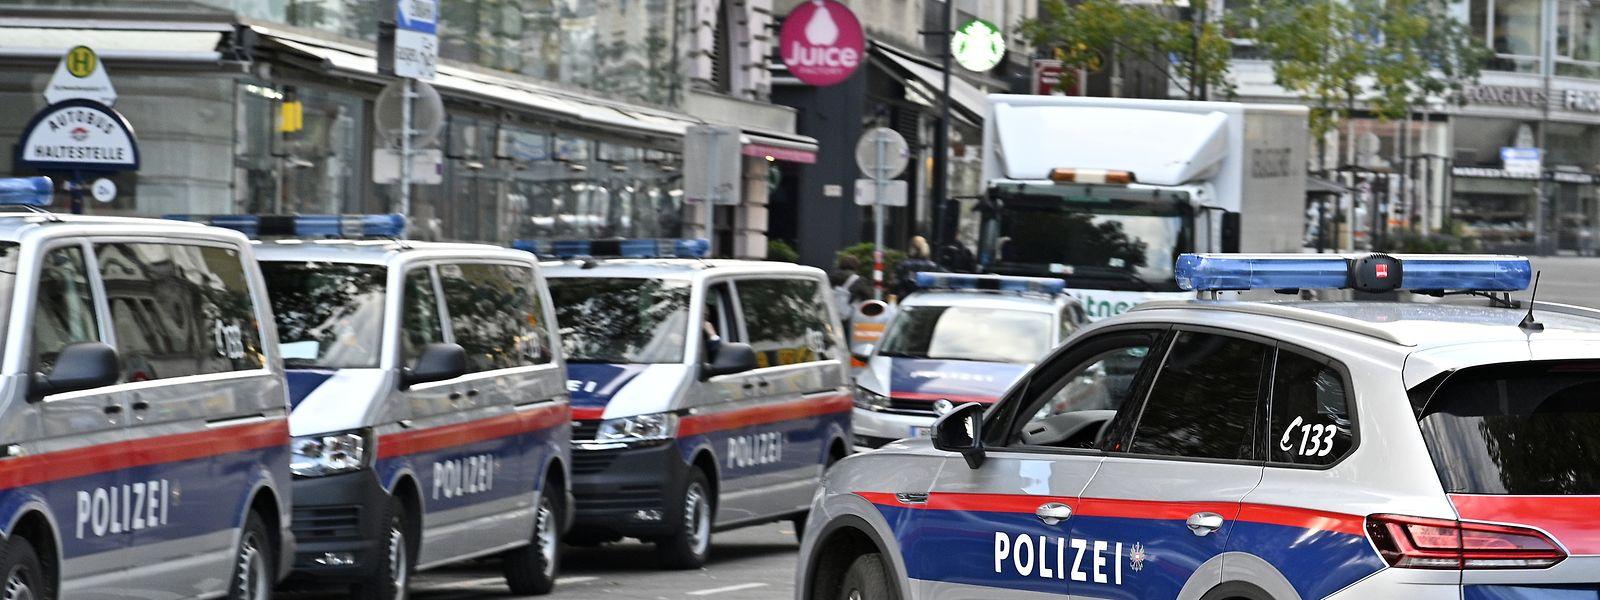 Nach dem Anschlag vom Vorabend blockieren Polizisten am Dienstag eine Straße im Wiener Stadtzentrum.